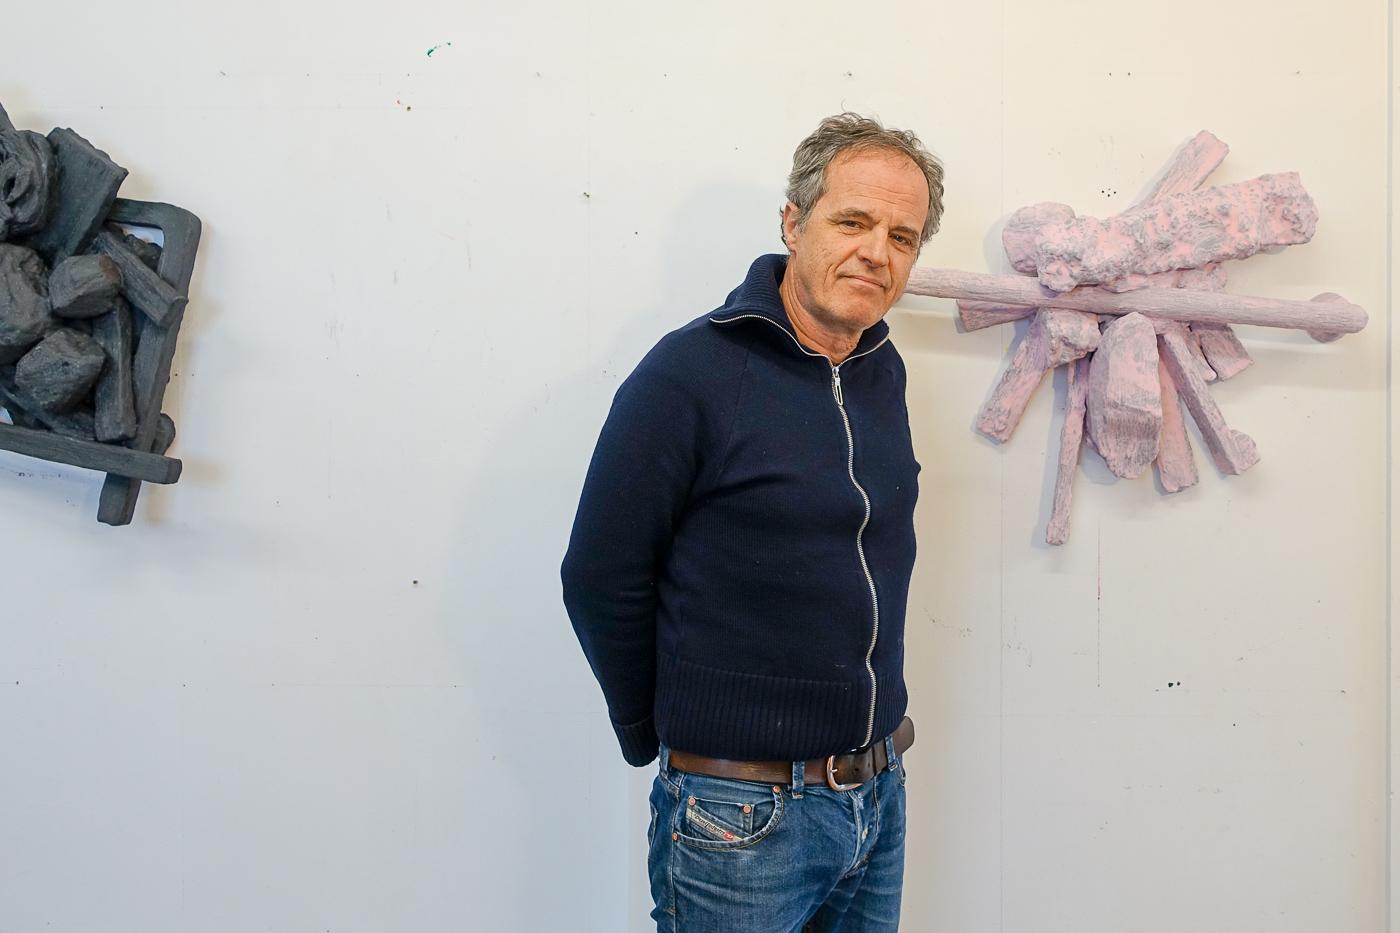 Der Künstler André Schuler mit seinen Styropor-Gips-Objekten, die bald in der Kunsthalle zu sehen sein werden.